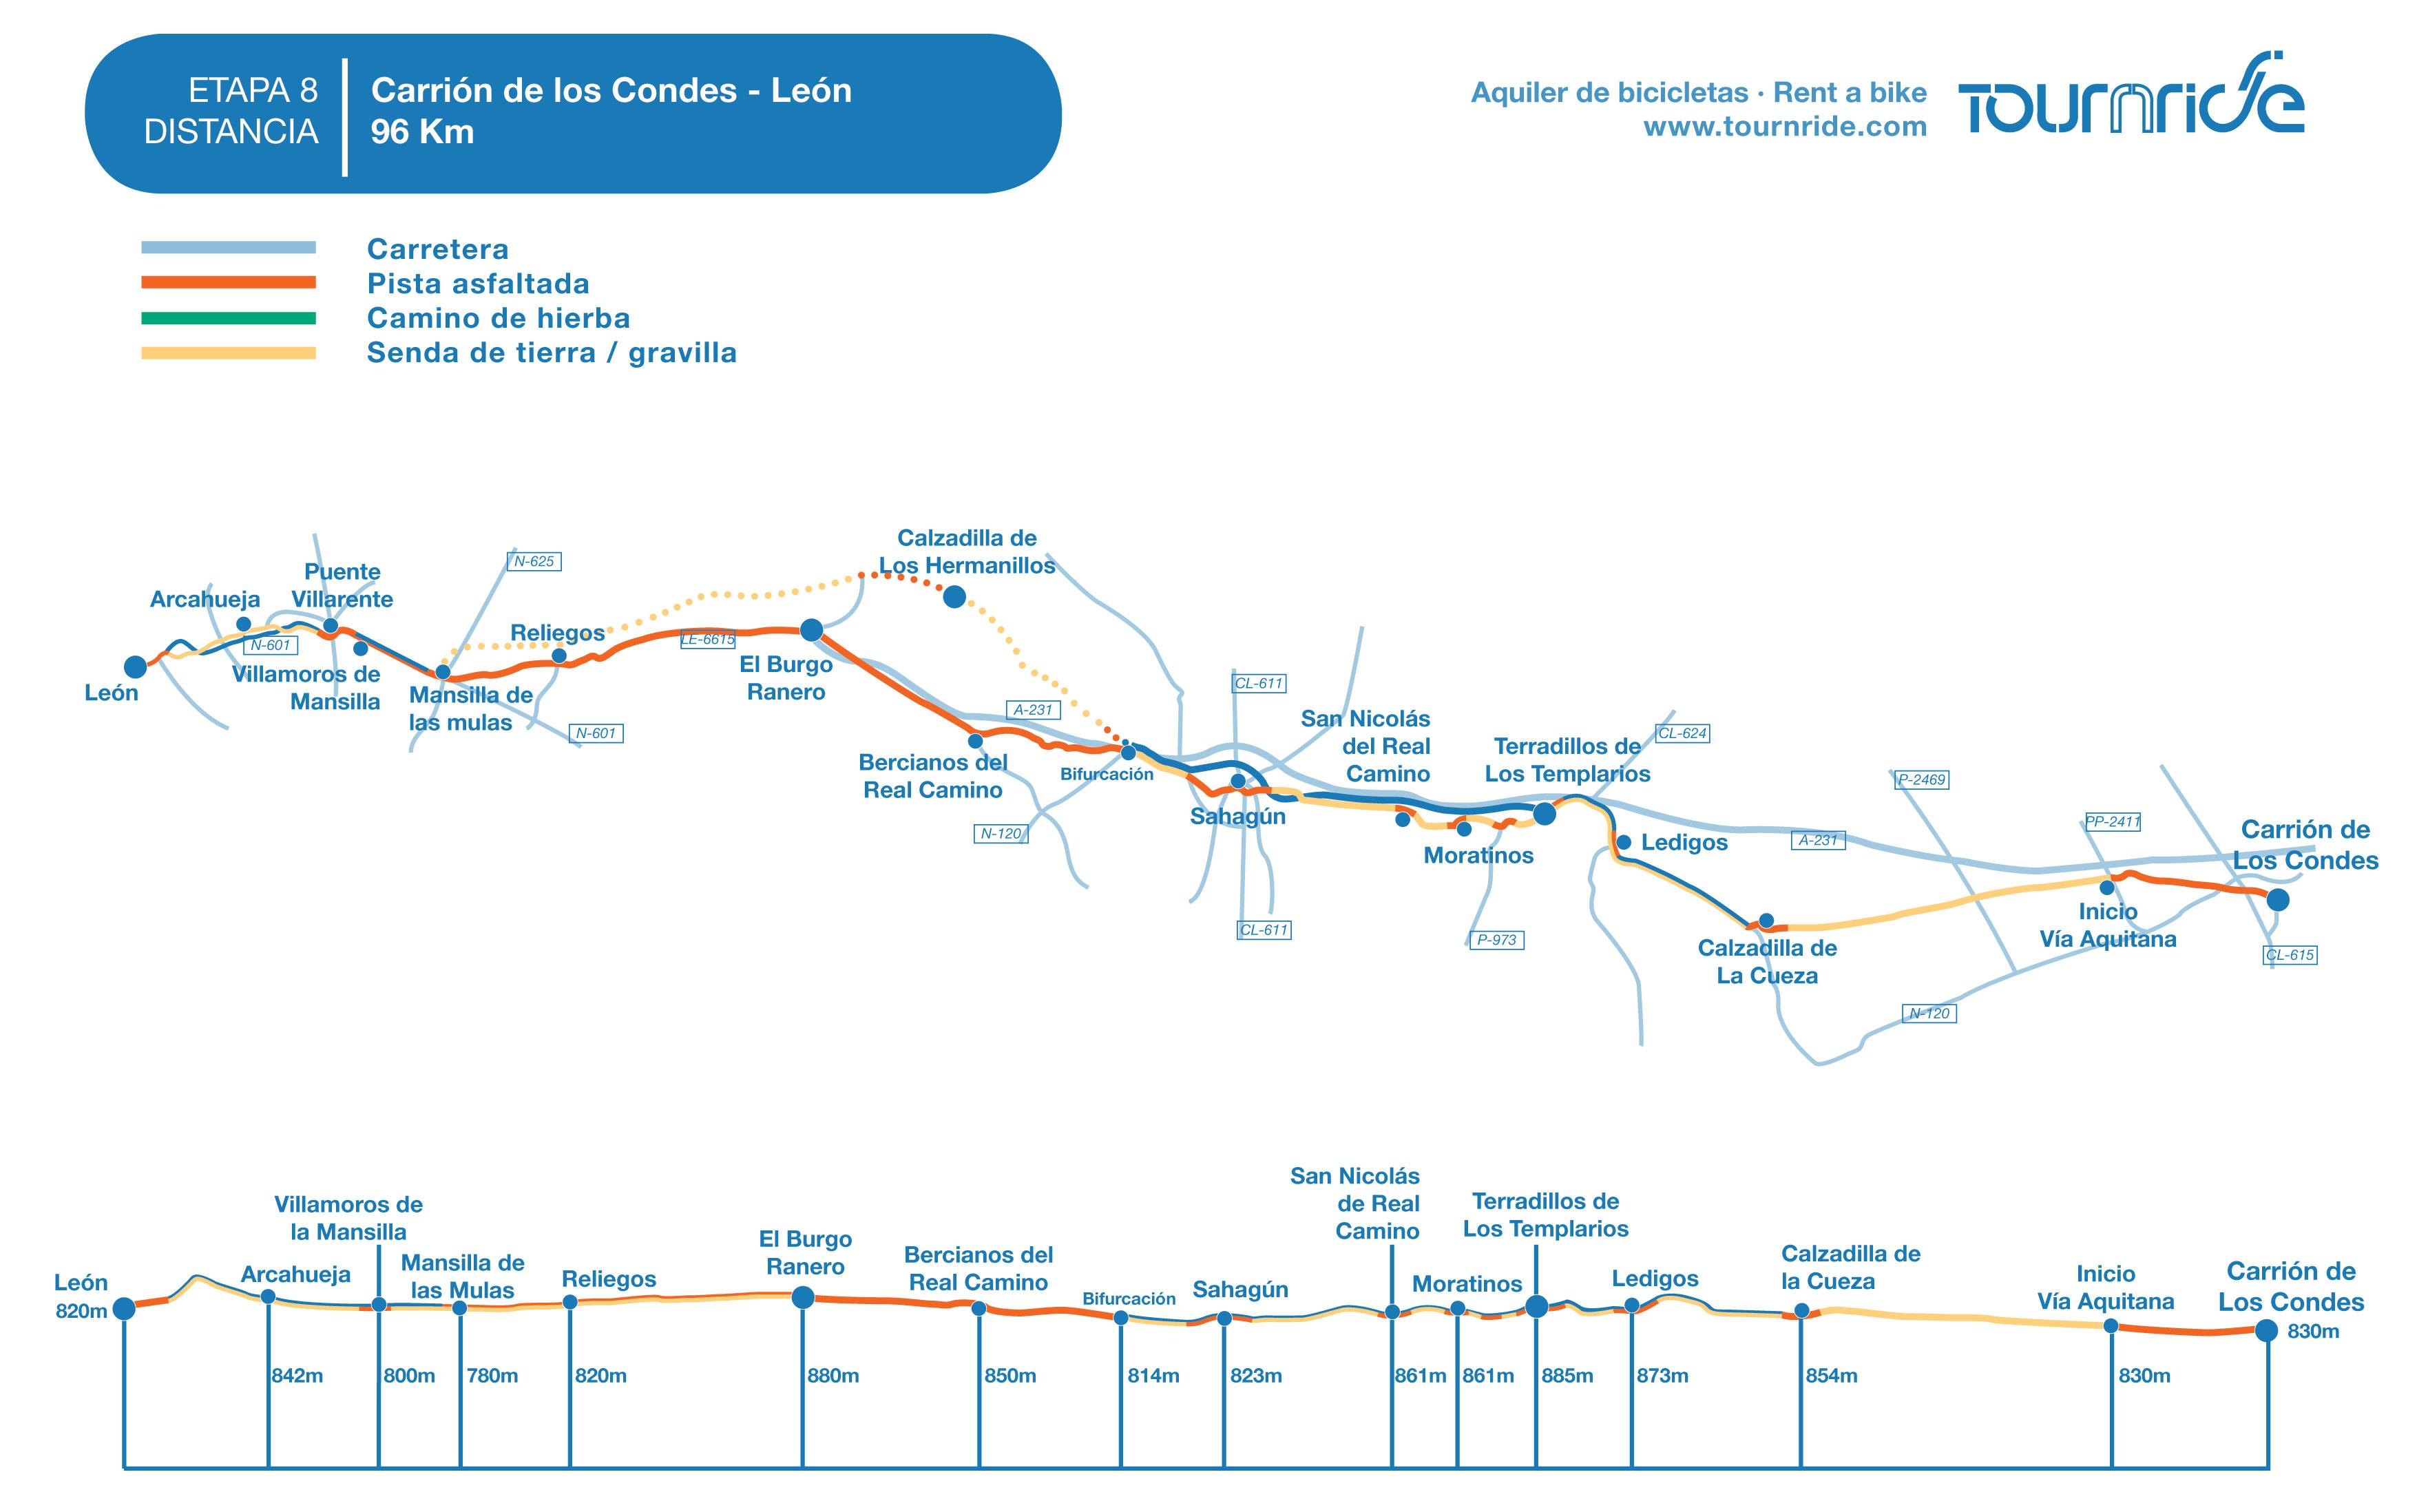 Mapa de la etapa 8 del Camino de Santiago en bicicleta de Carrión de los Condes a León